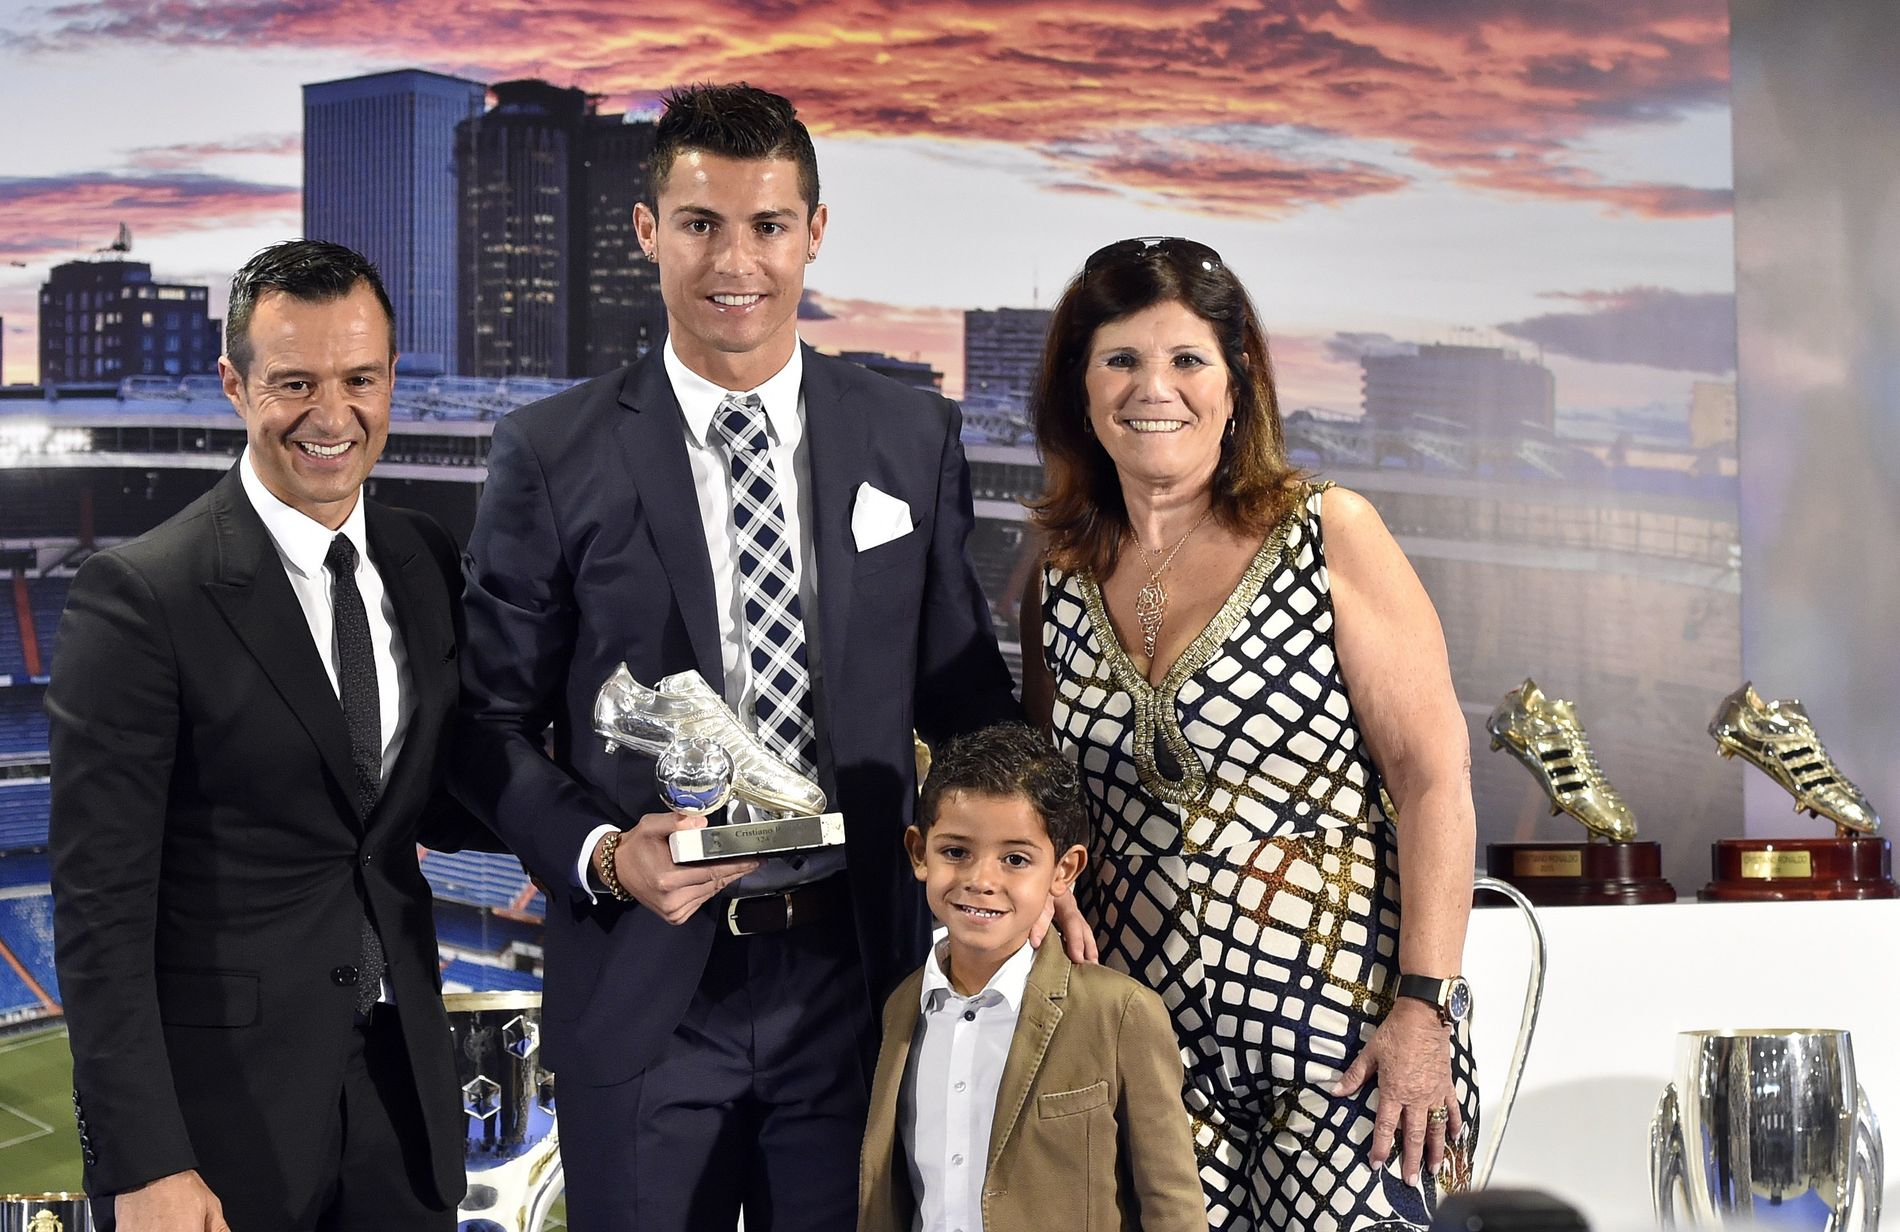 «FAR» OG MOR: Cristiano Ronaldo har ofte sagt at Jorge Mendes (til venstre) er som en far for ham. Her med moren Dolores og sønnen Cristiano jr. i en seremoni etter at Ronaldo ble tidenes toppscorer for Real Madrid. Ronaldos far var alkoholiker og døde i 2005.